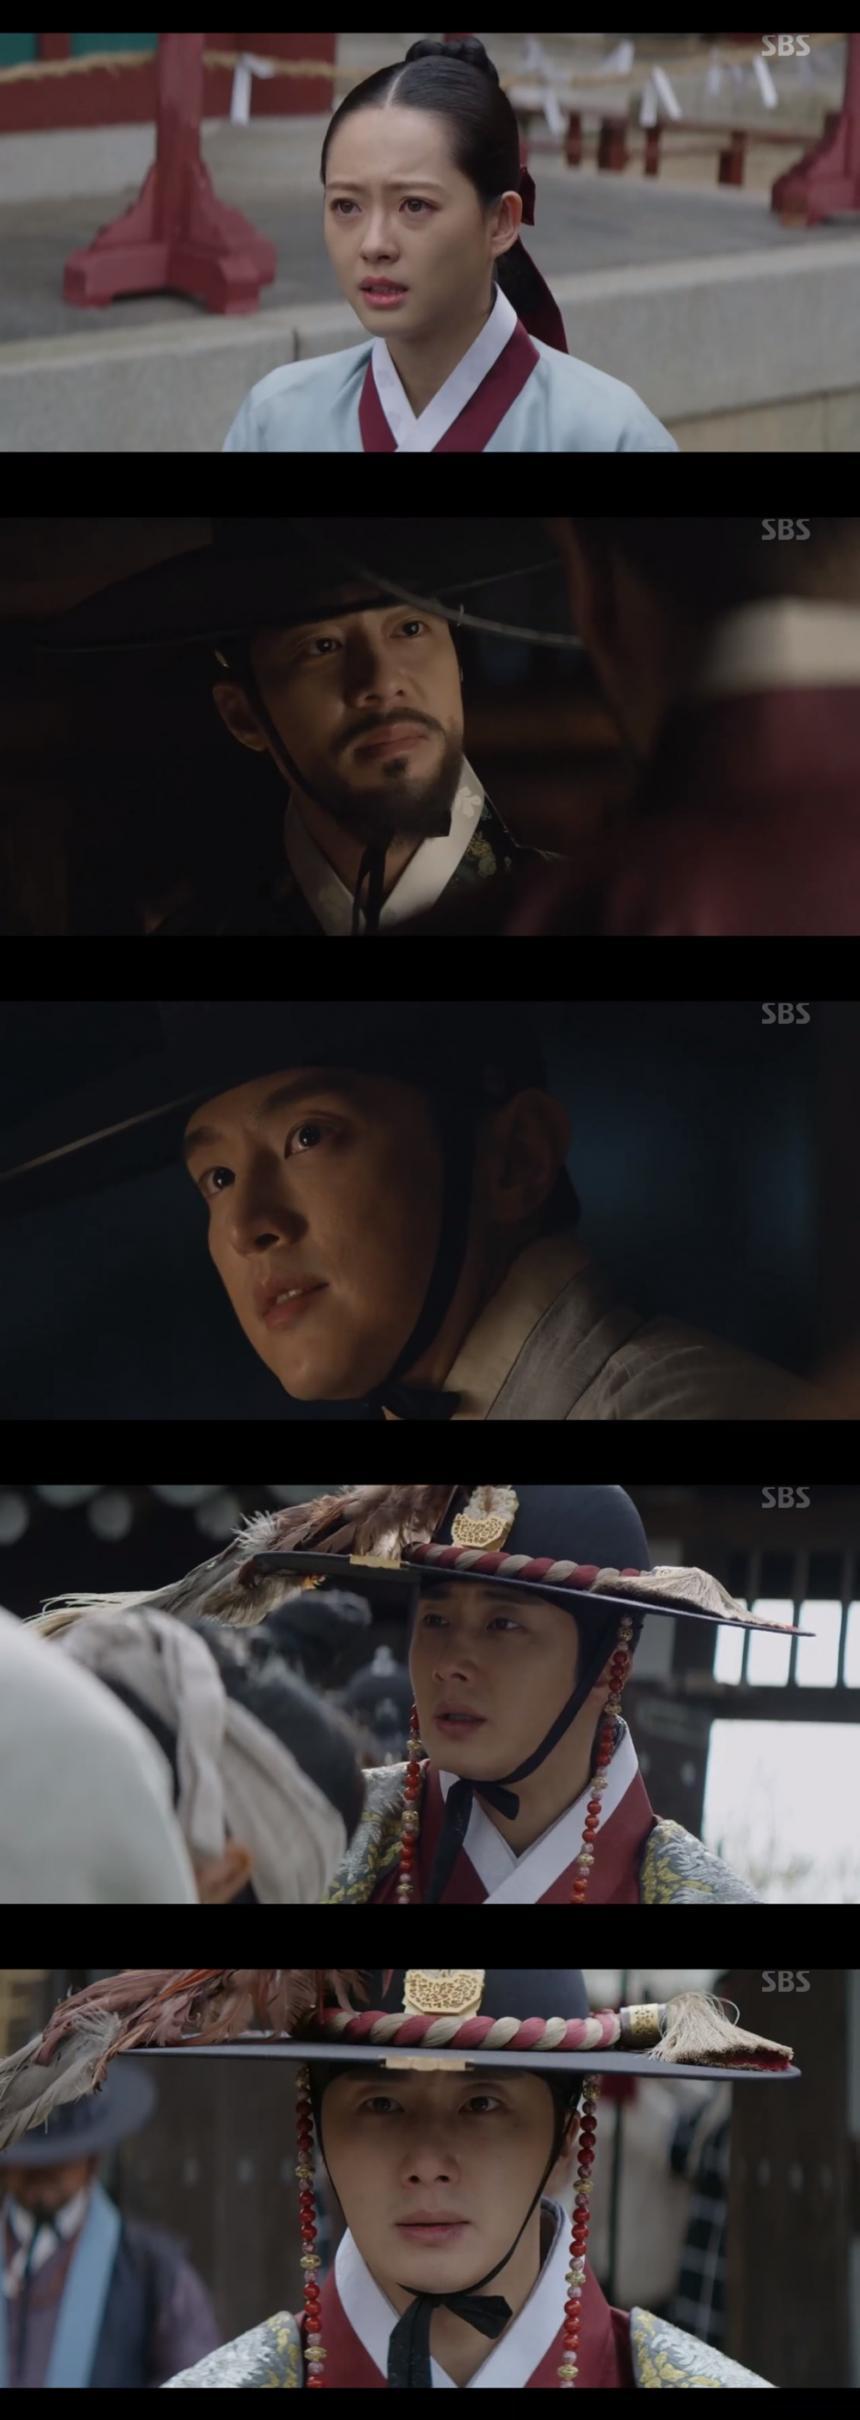 SBS '해치' 방송 캡쳐